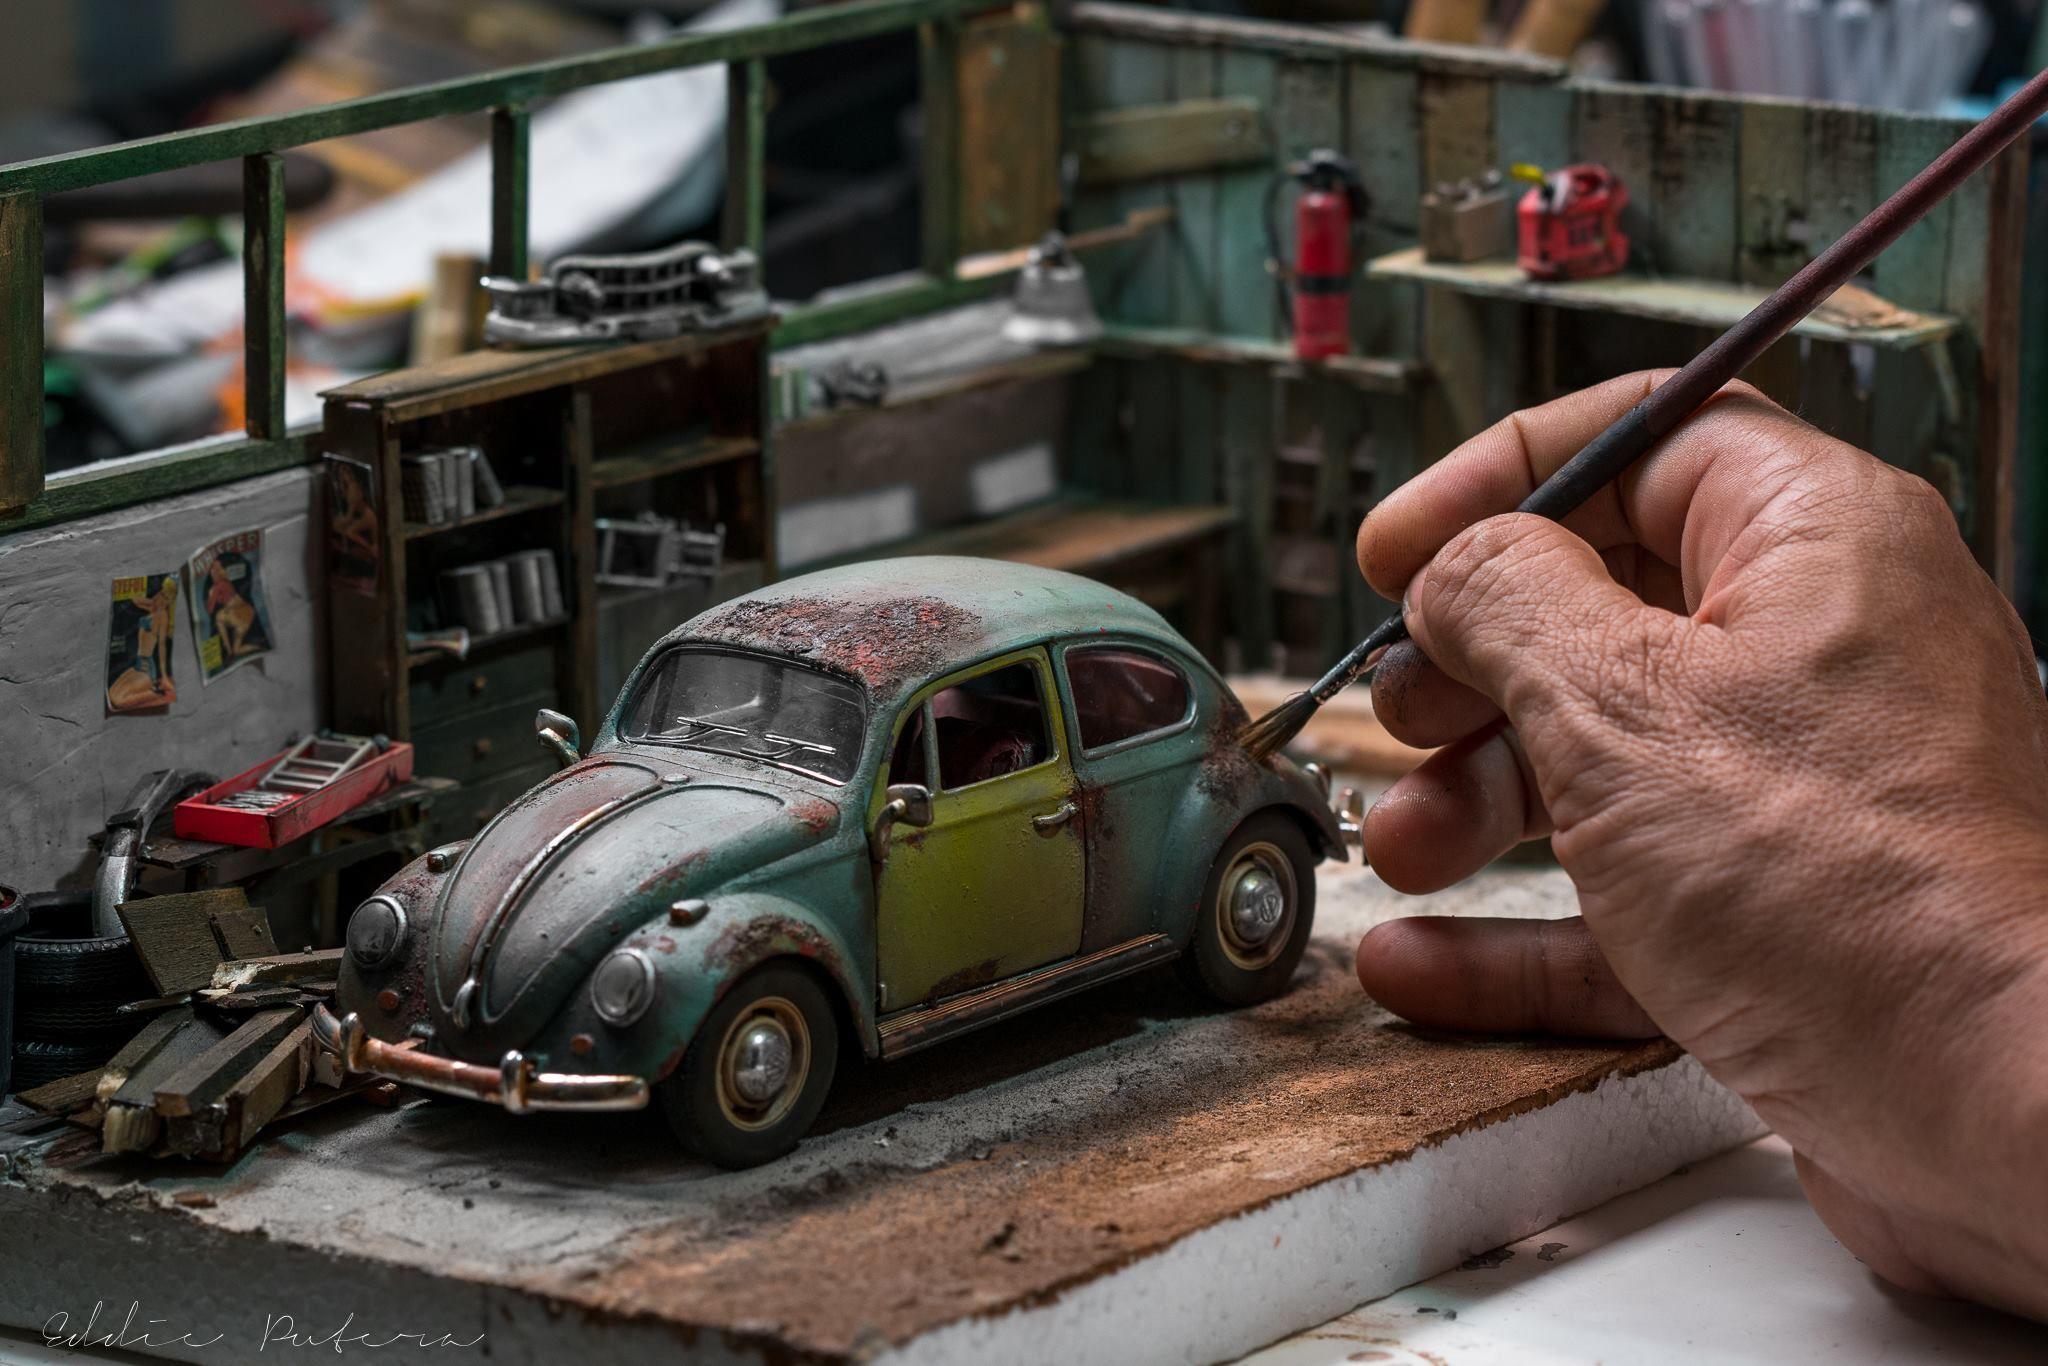 scale die cast vw beetle 1969 by eddie putera noordin miniature pinterest. Black Bedroom Furniture Sets. Home Design Ideas